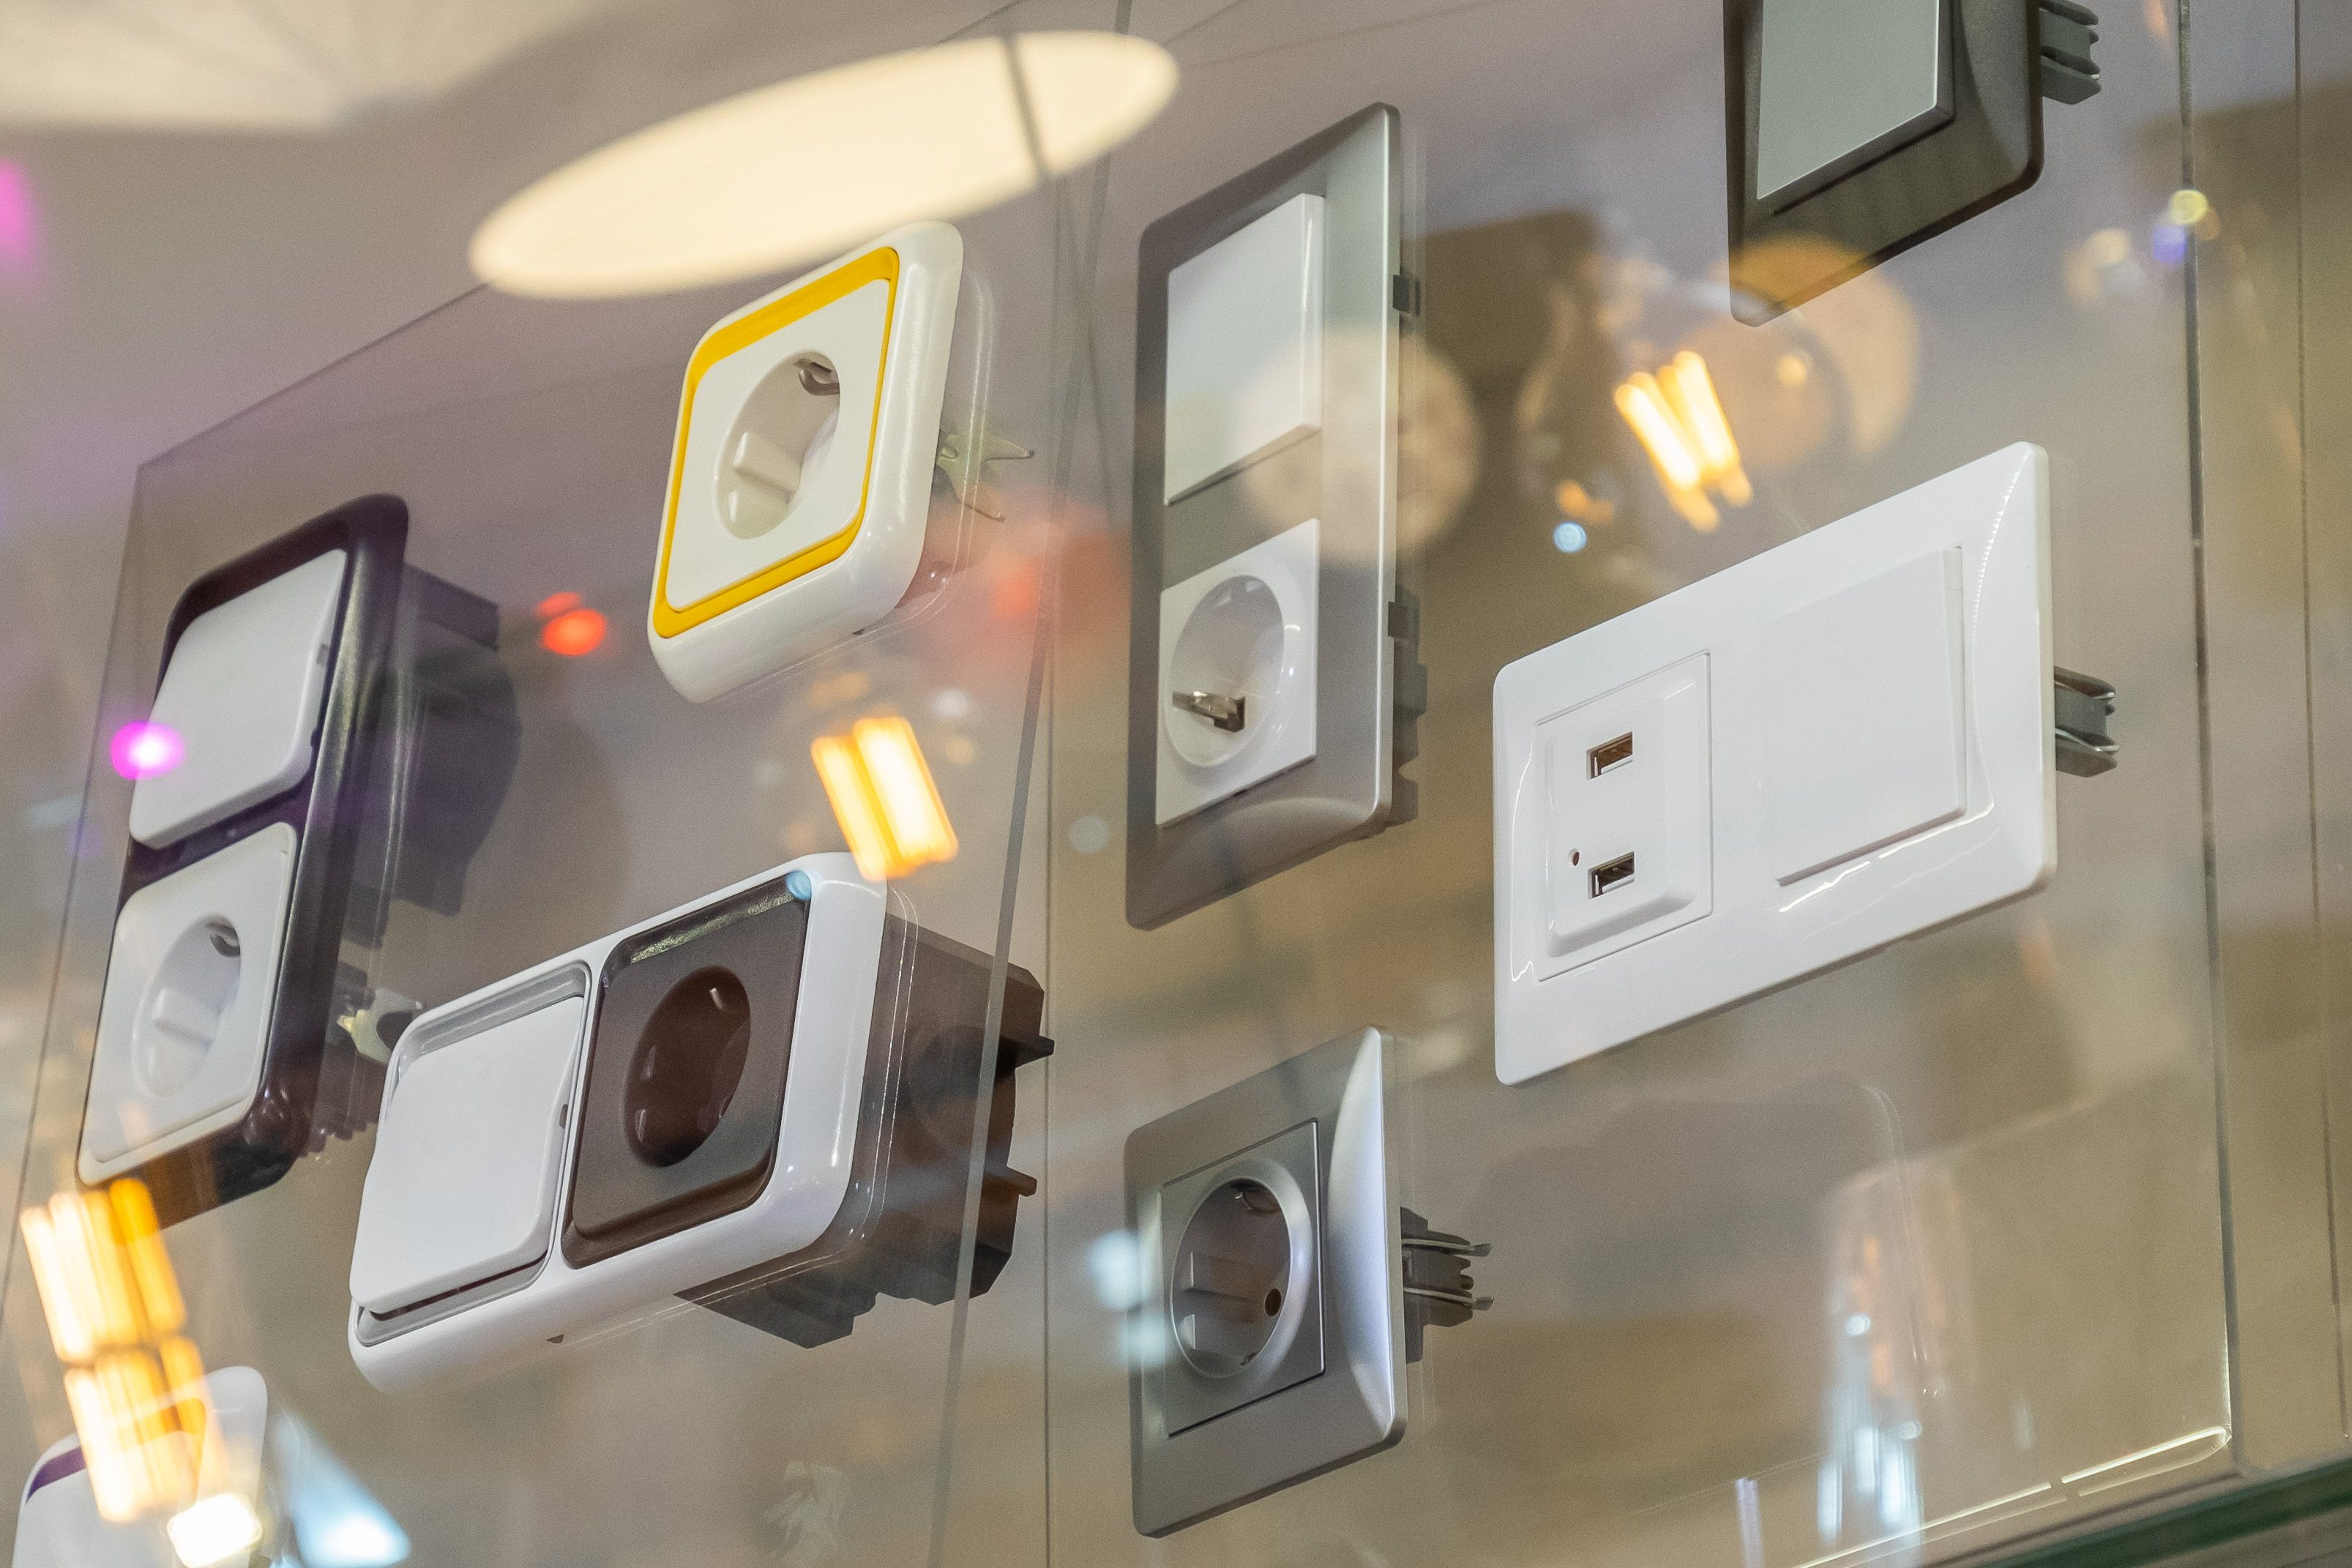 Mecanismos eléctricos en Sant Feliu de Llobregat